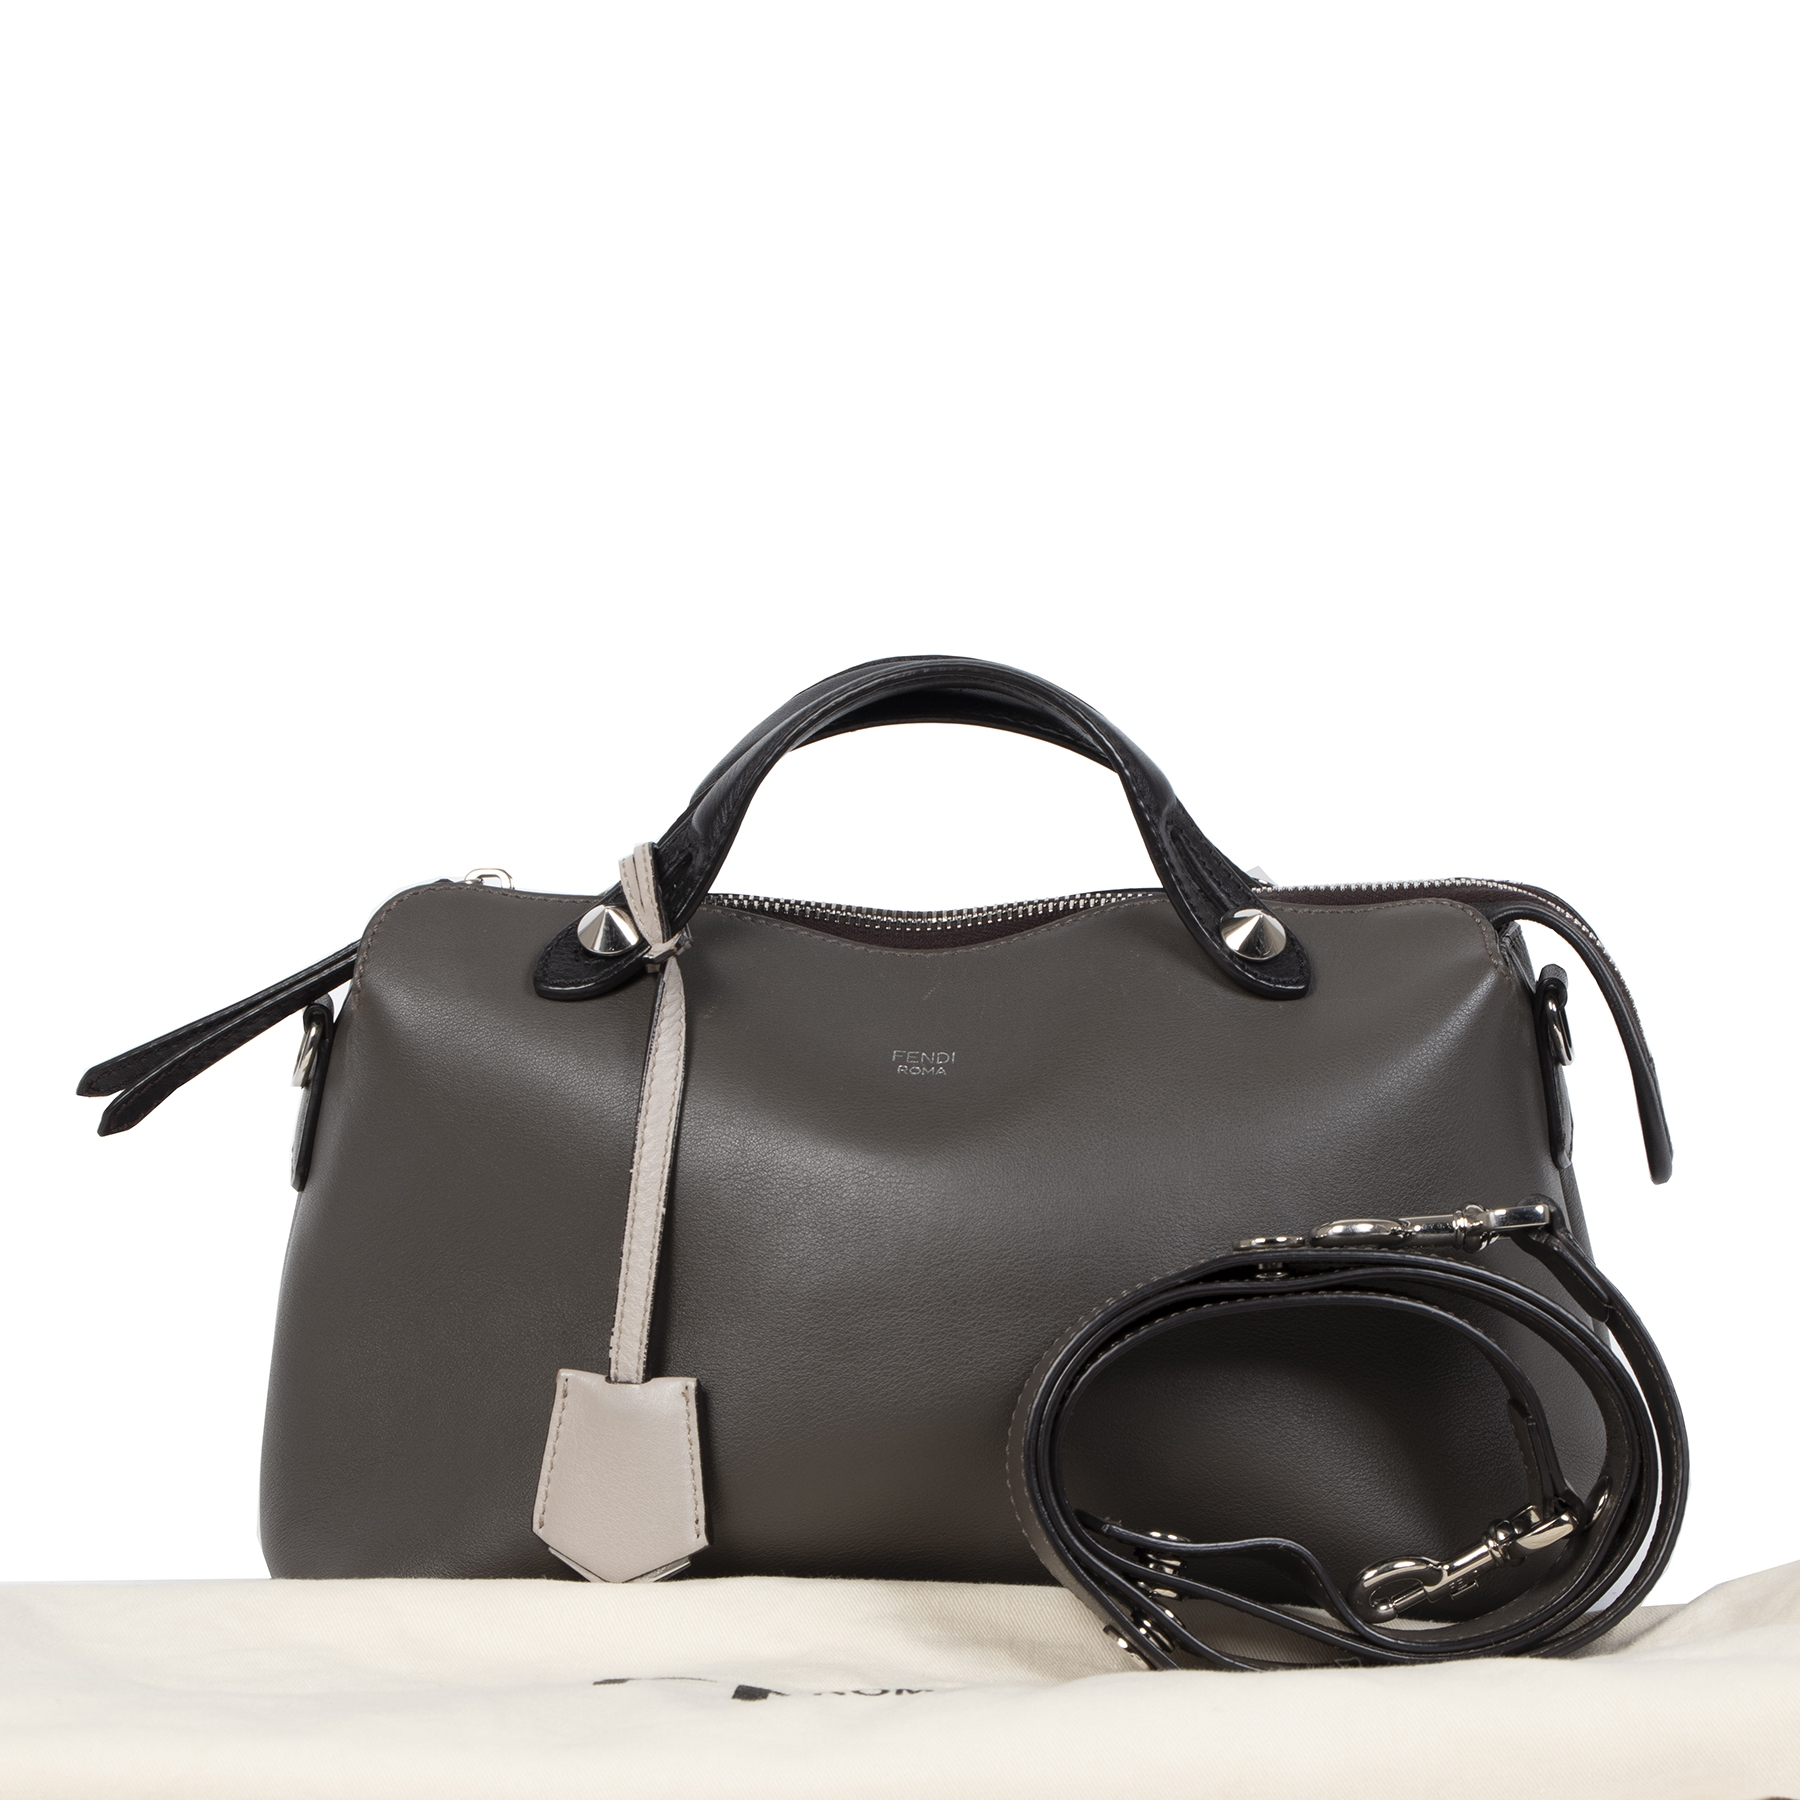 Tweedehands en vintage handtassen te koop bij LabelLOV Antwerpen. Winkel veilig online bij LabelLOV.